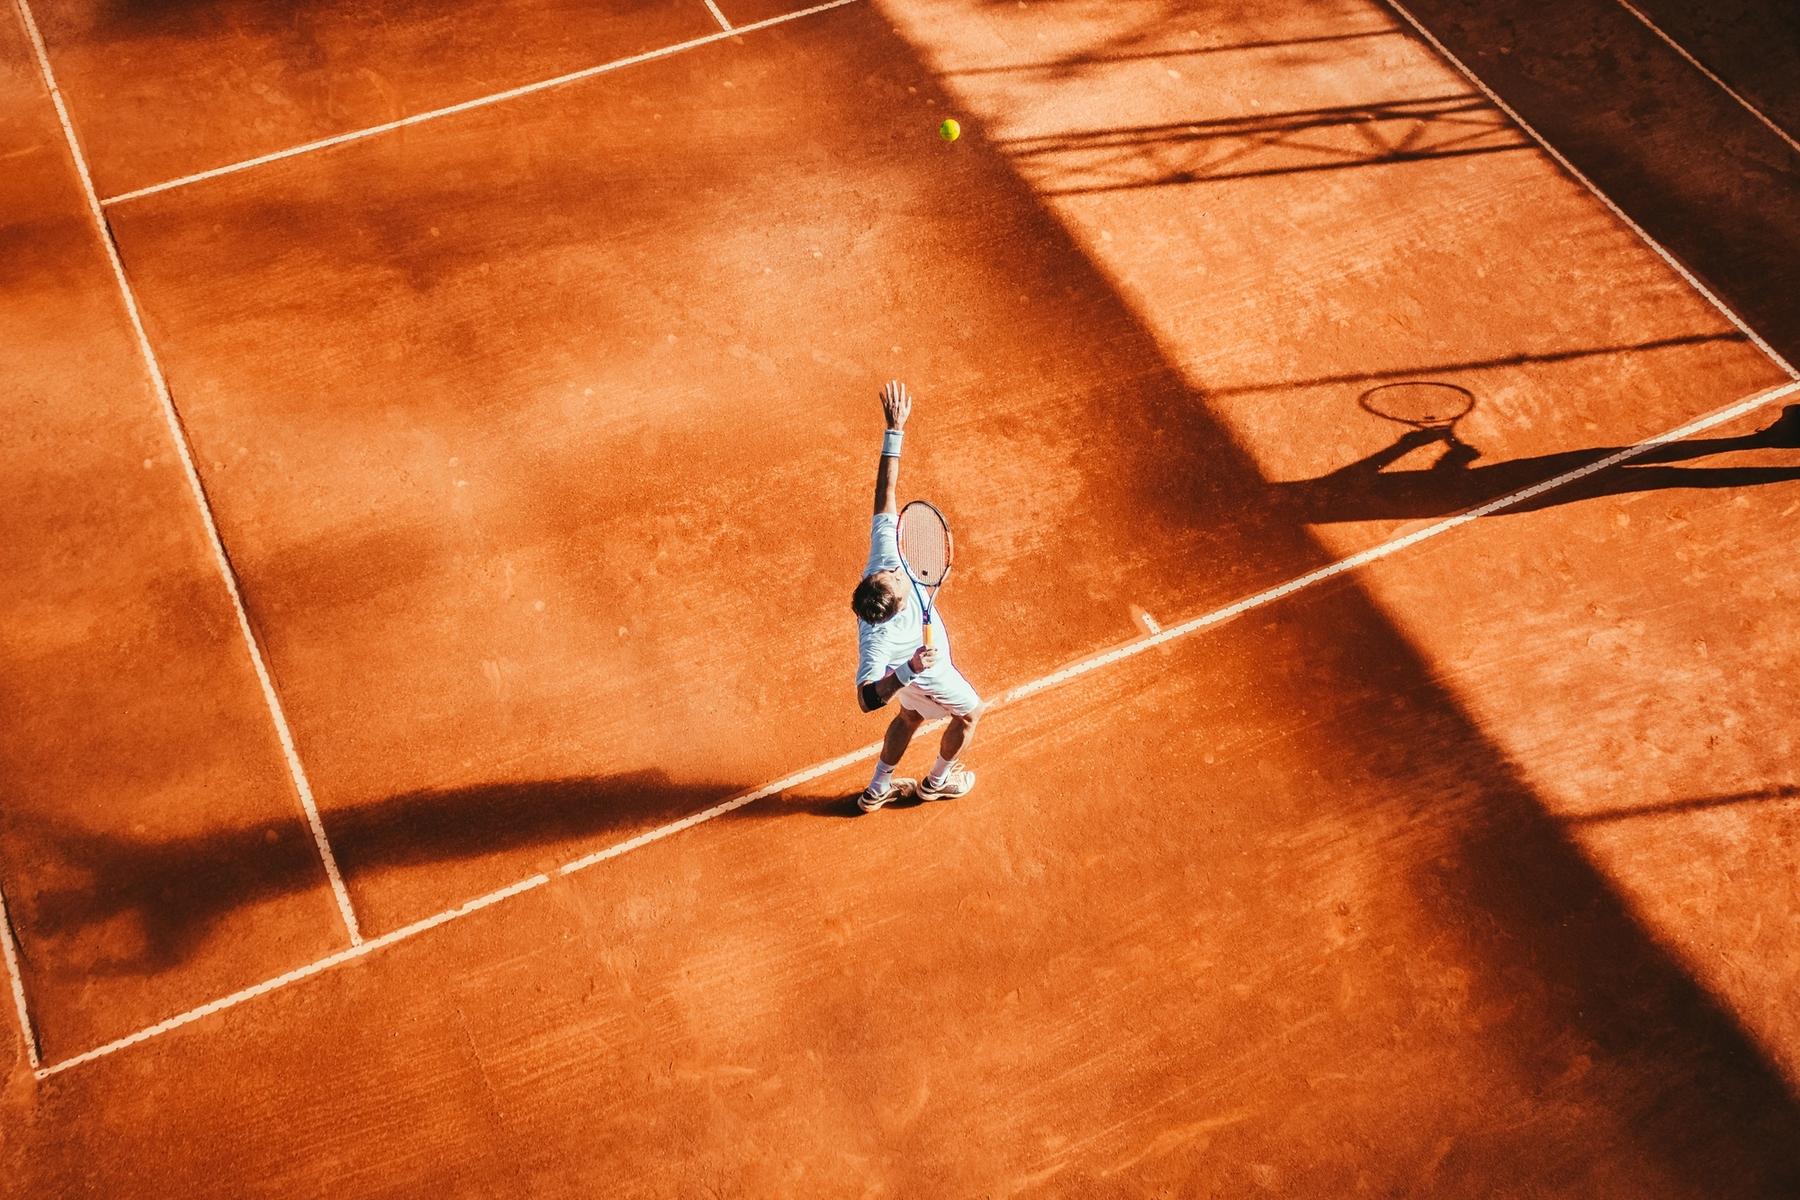 Lasvit Tennis